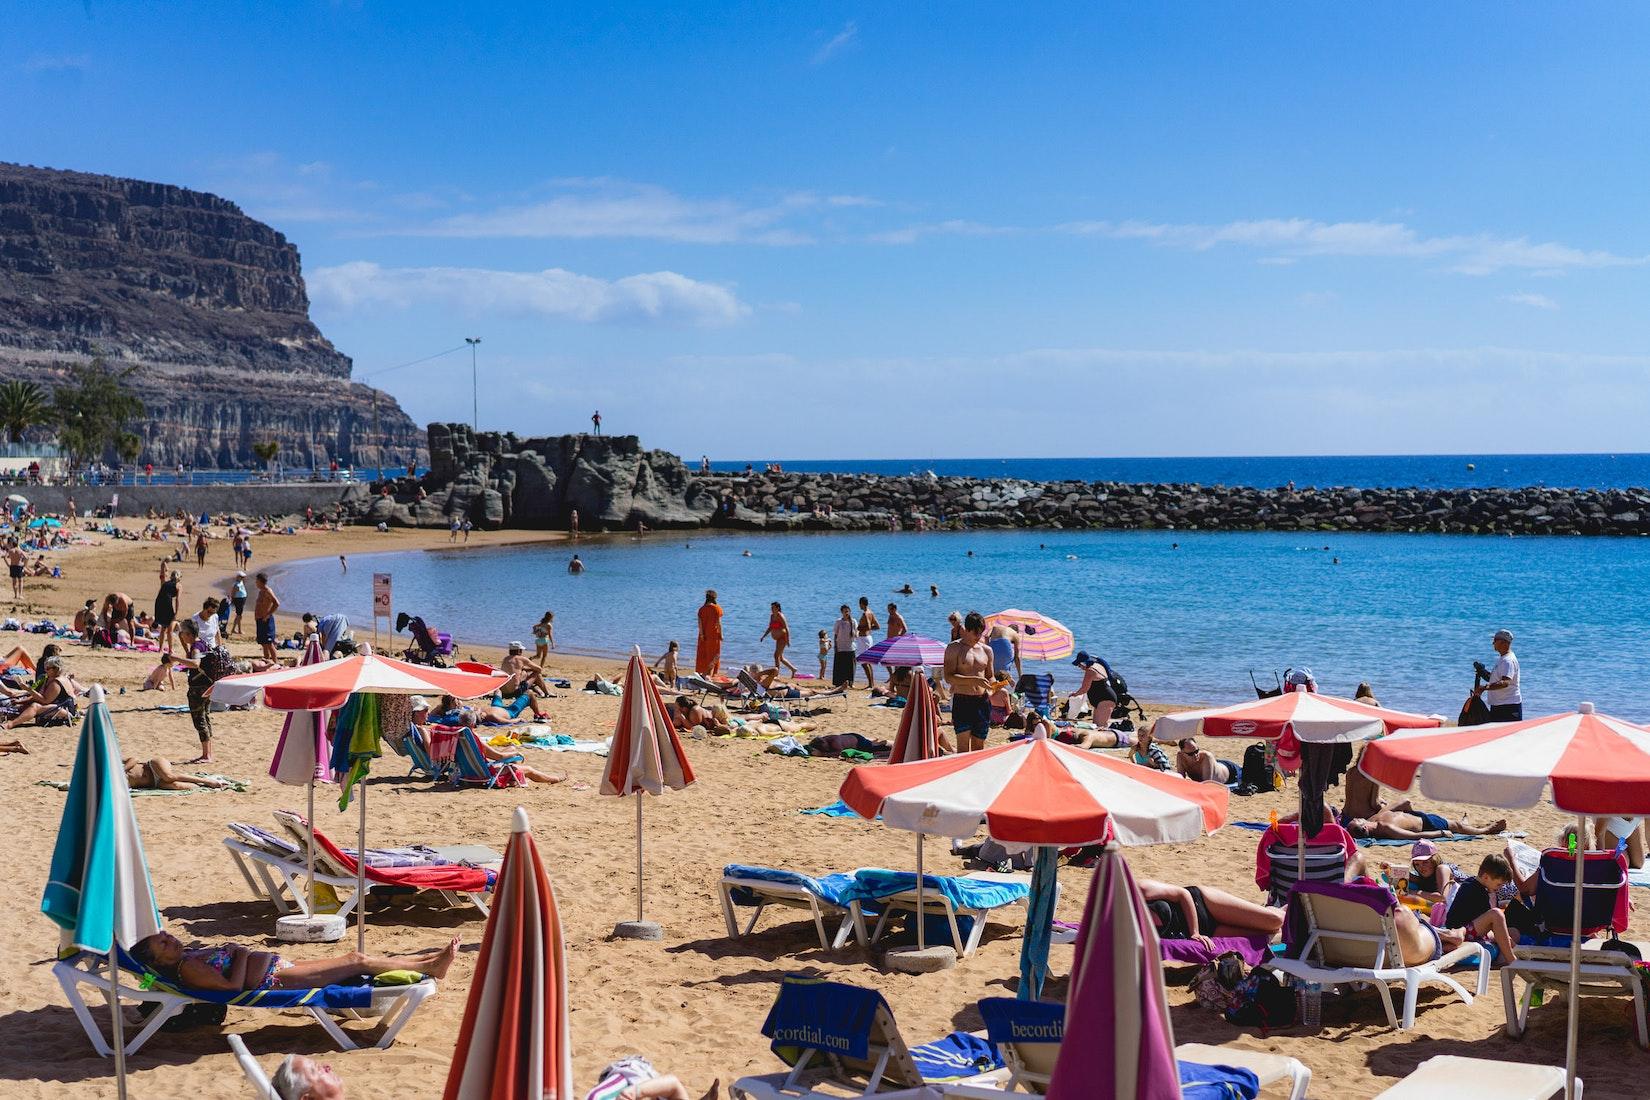 Beach in Gran Canaria